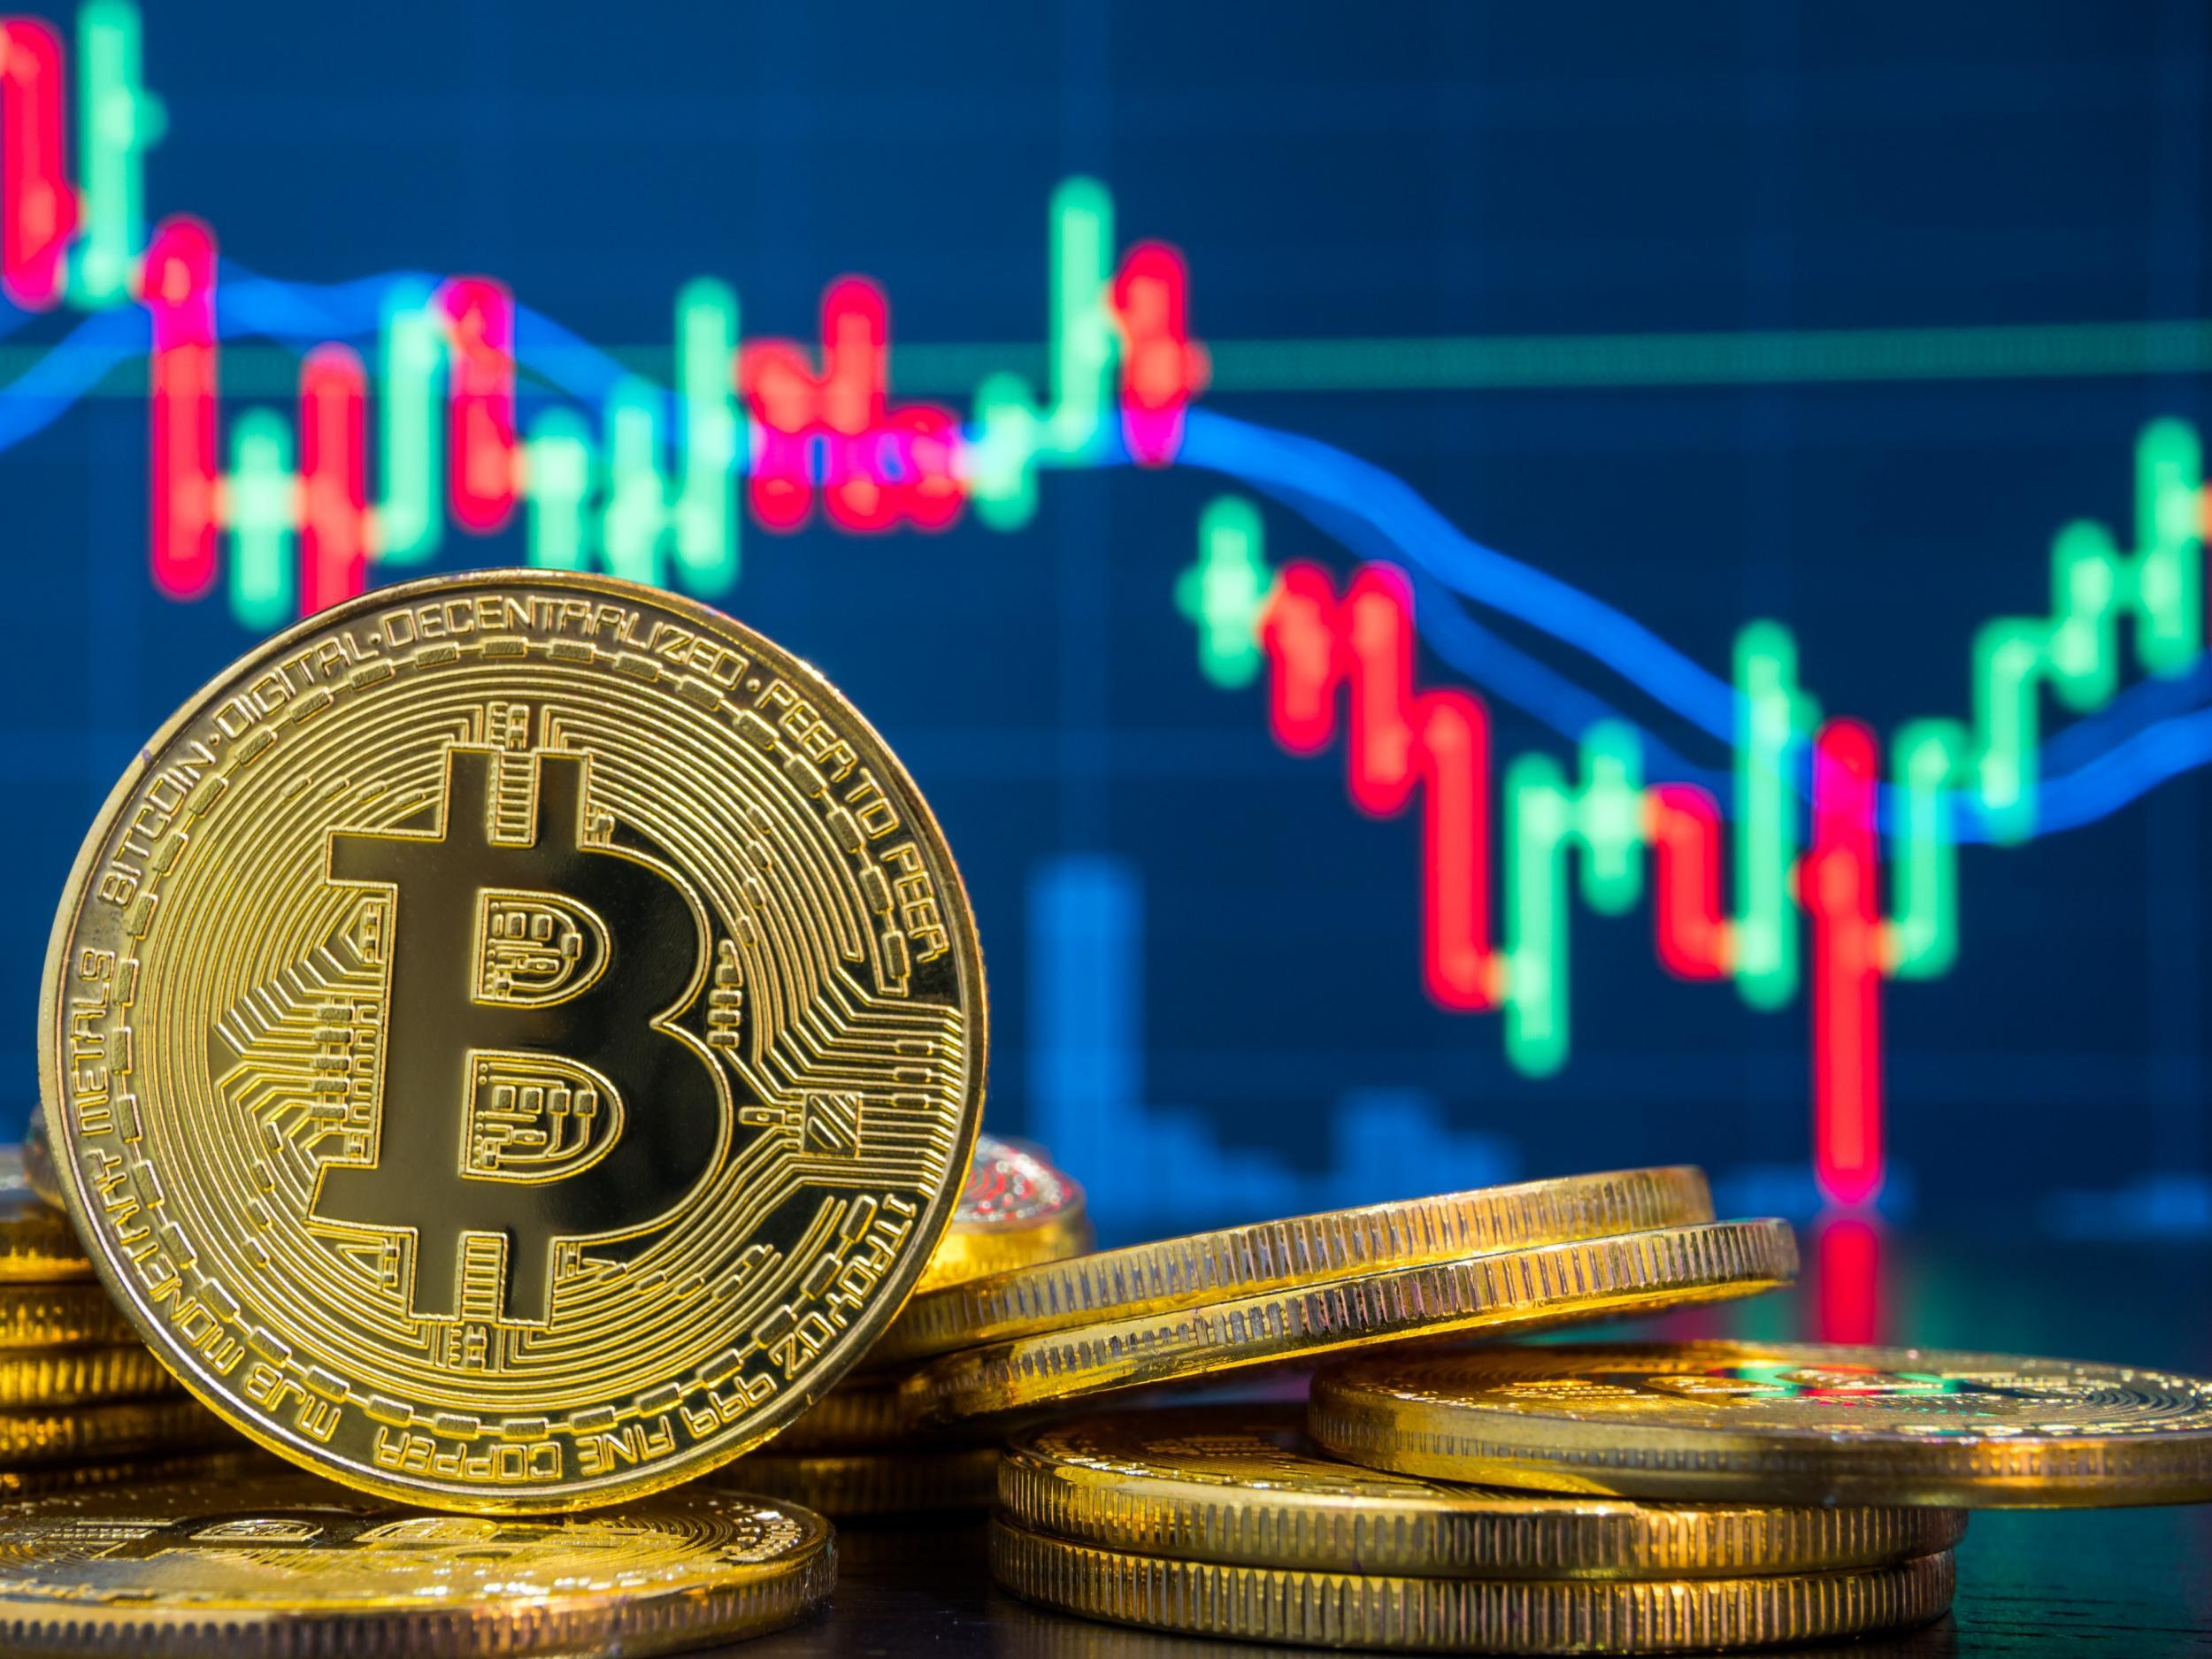 Số người giao dịch tiền ảo tăng mạnh trong vài tháng, vượt 220 triệu người